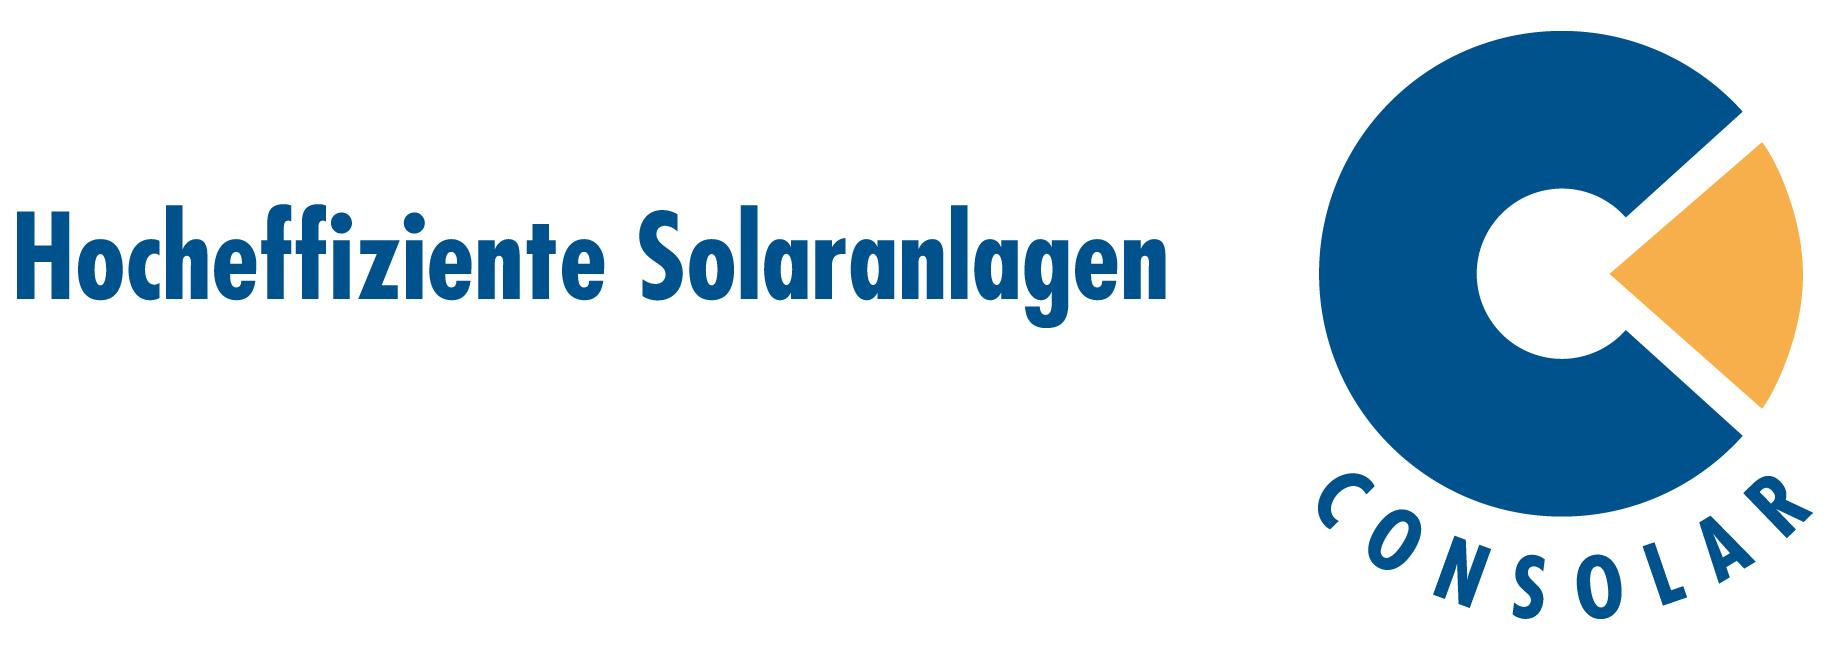 Datei:Consolar Logo.jpg | Unternehmens-Wiki | FANDOM powered by Wikia